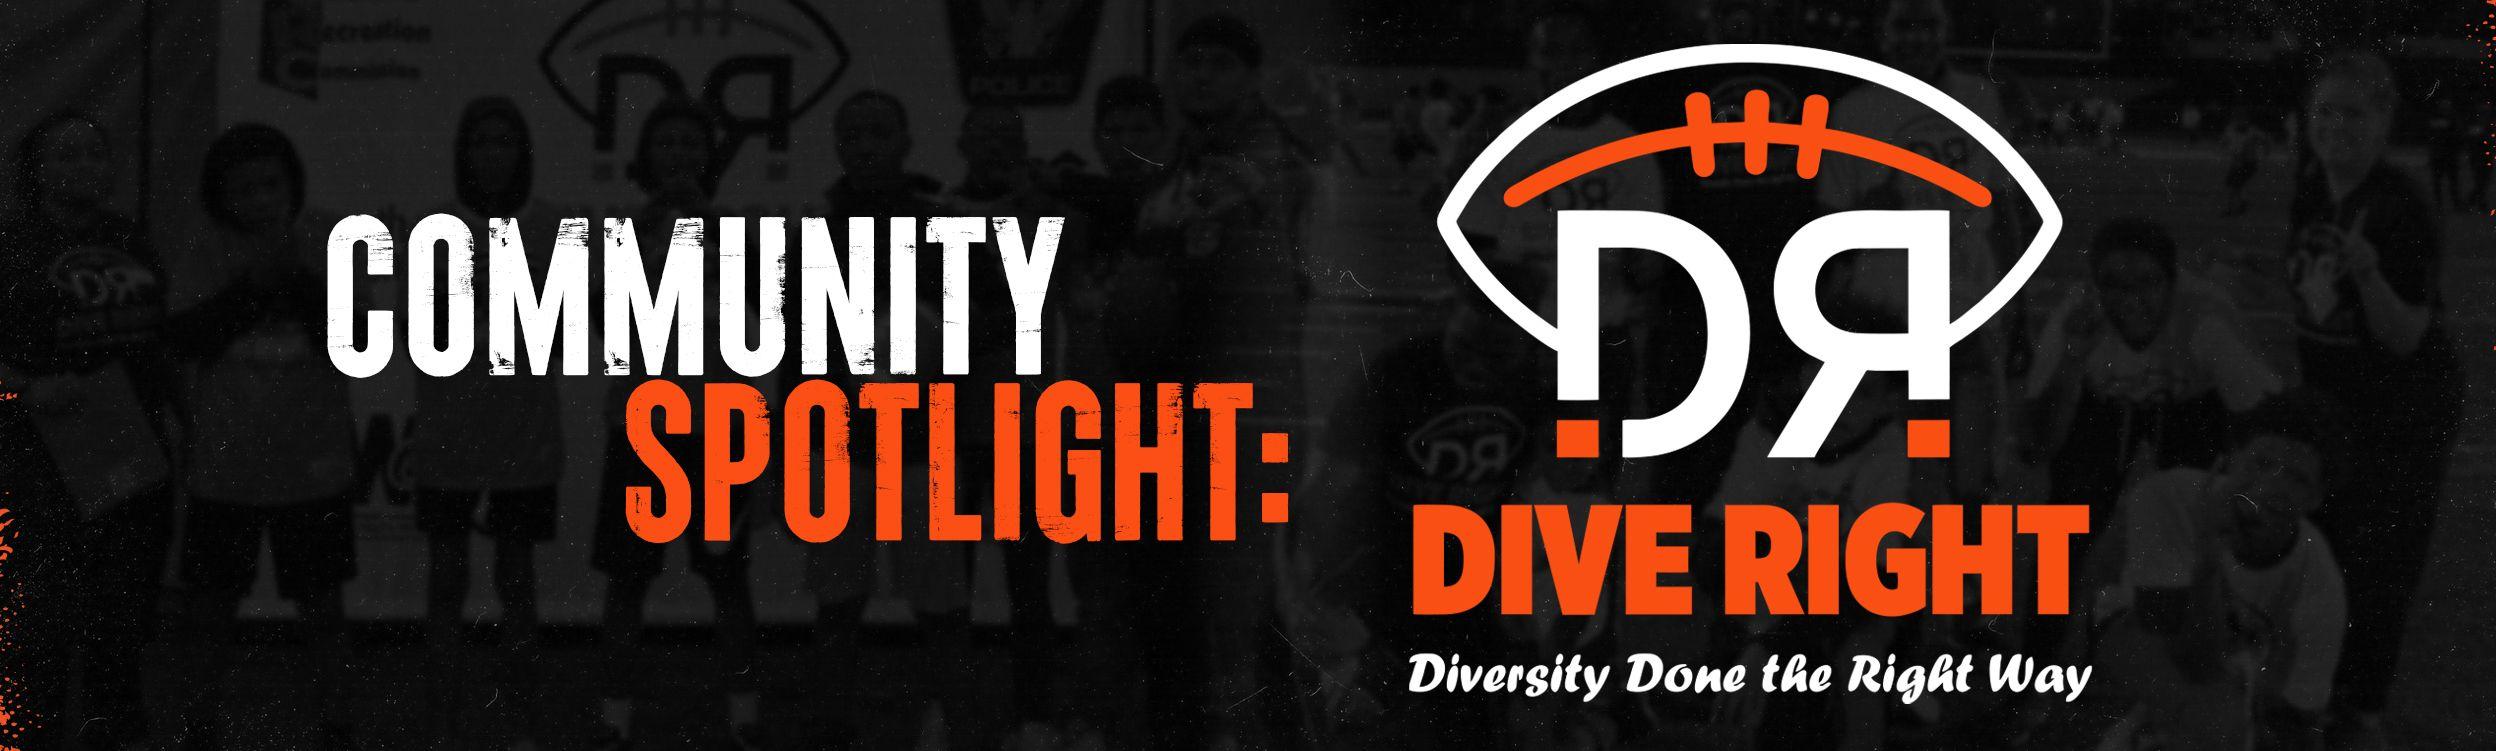 201216-community-spotlight-header